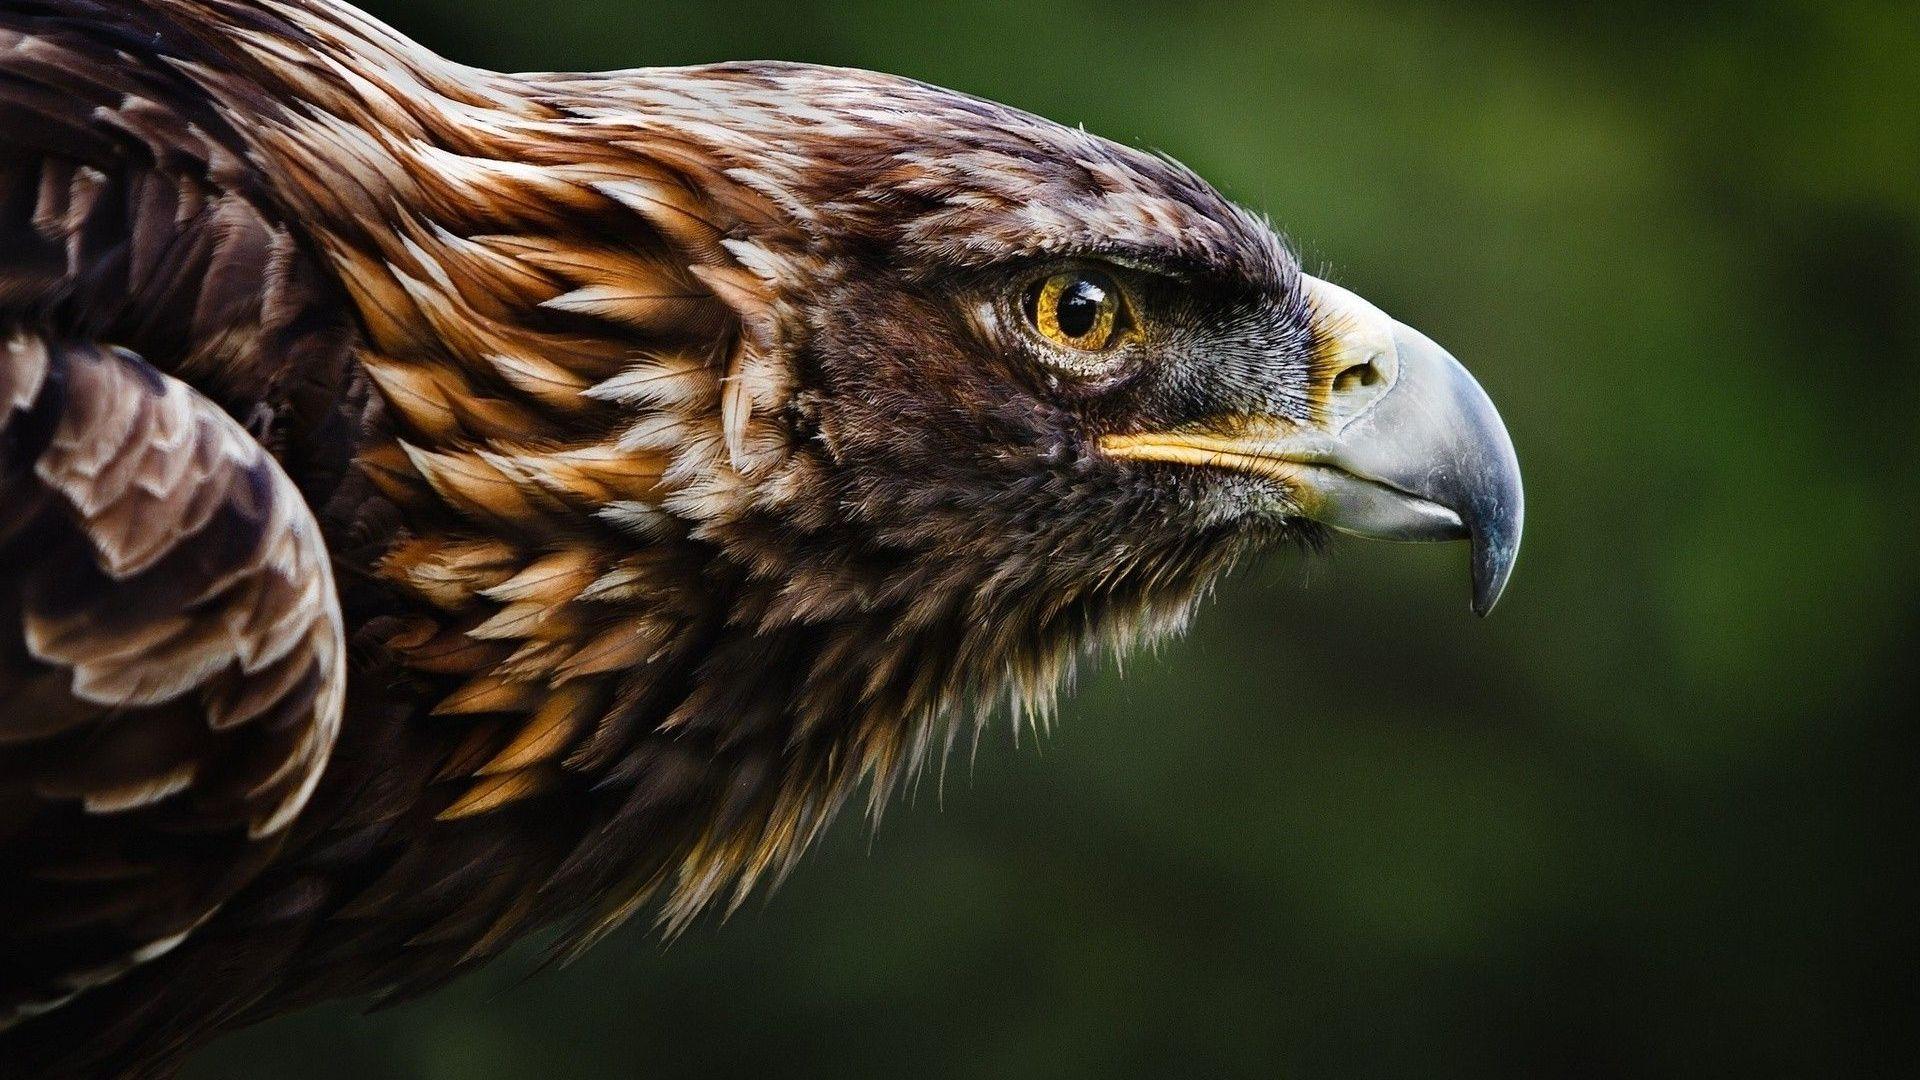 Fond D Ecran Hd Gratuit Pour Votre Ordinateur Eagle Wallpaper Eagle Images Pet Birds